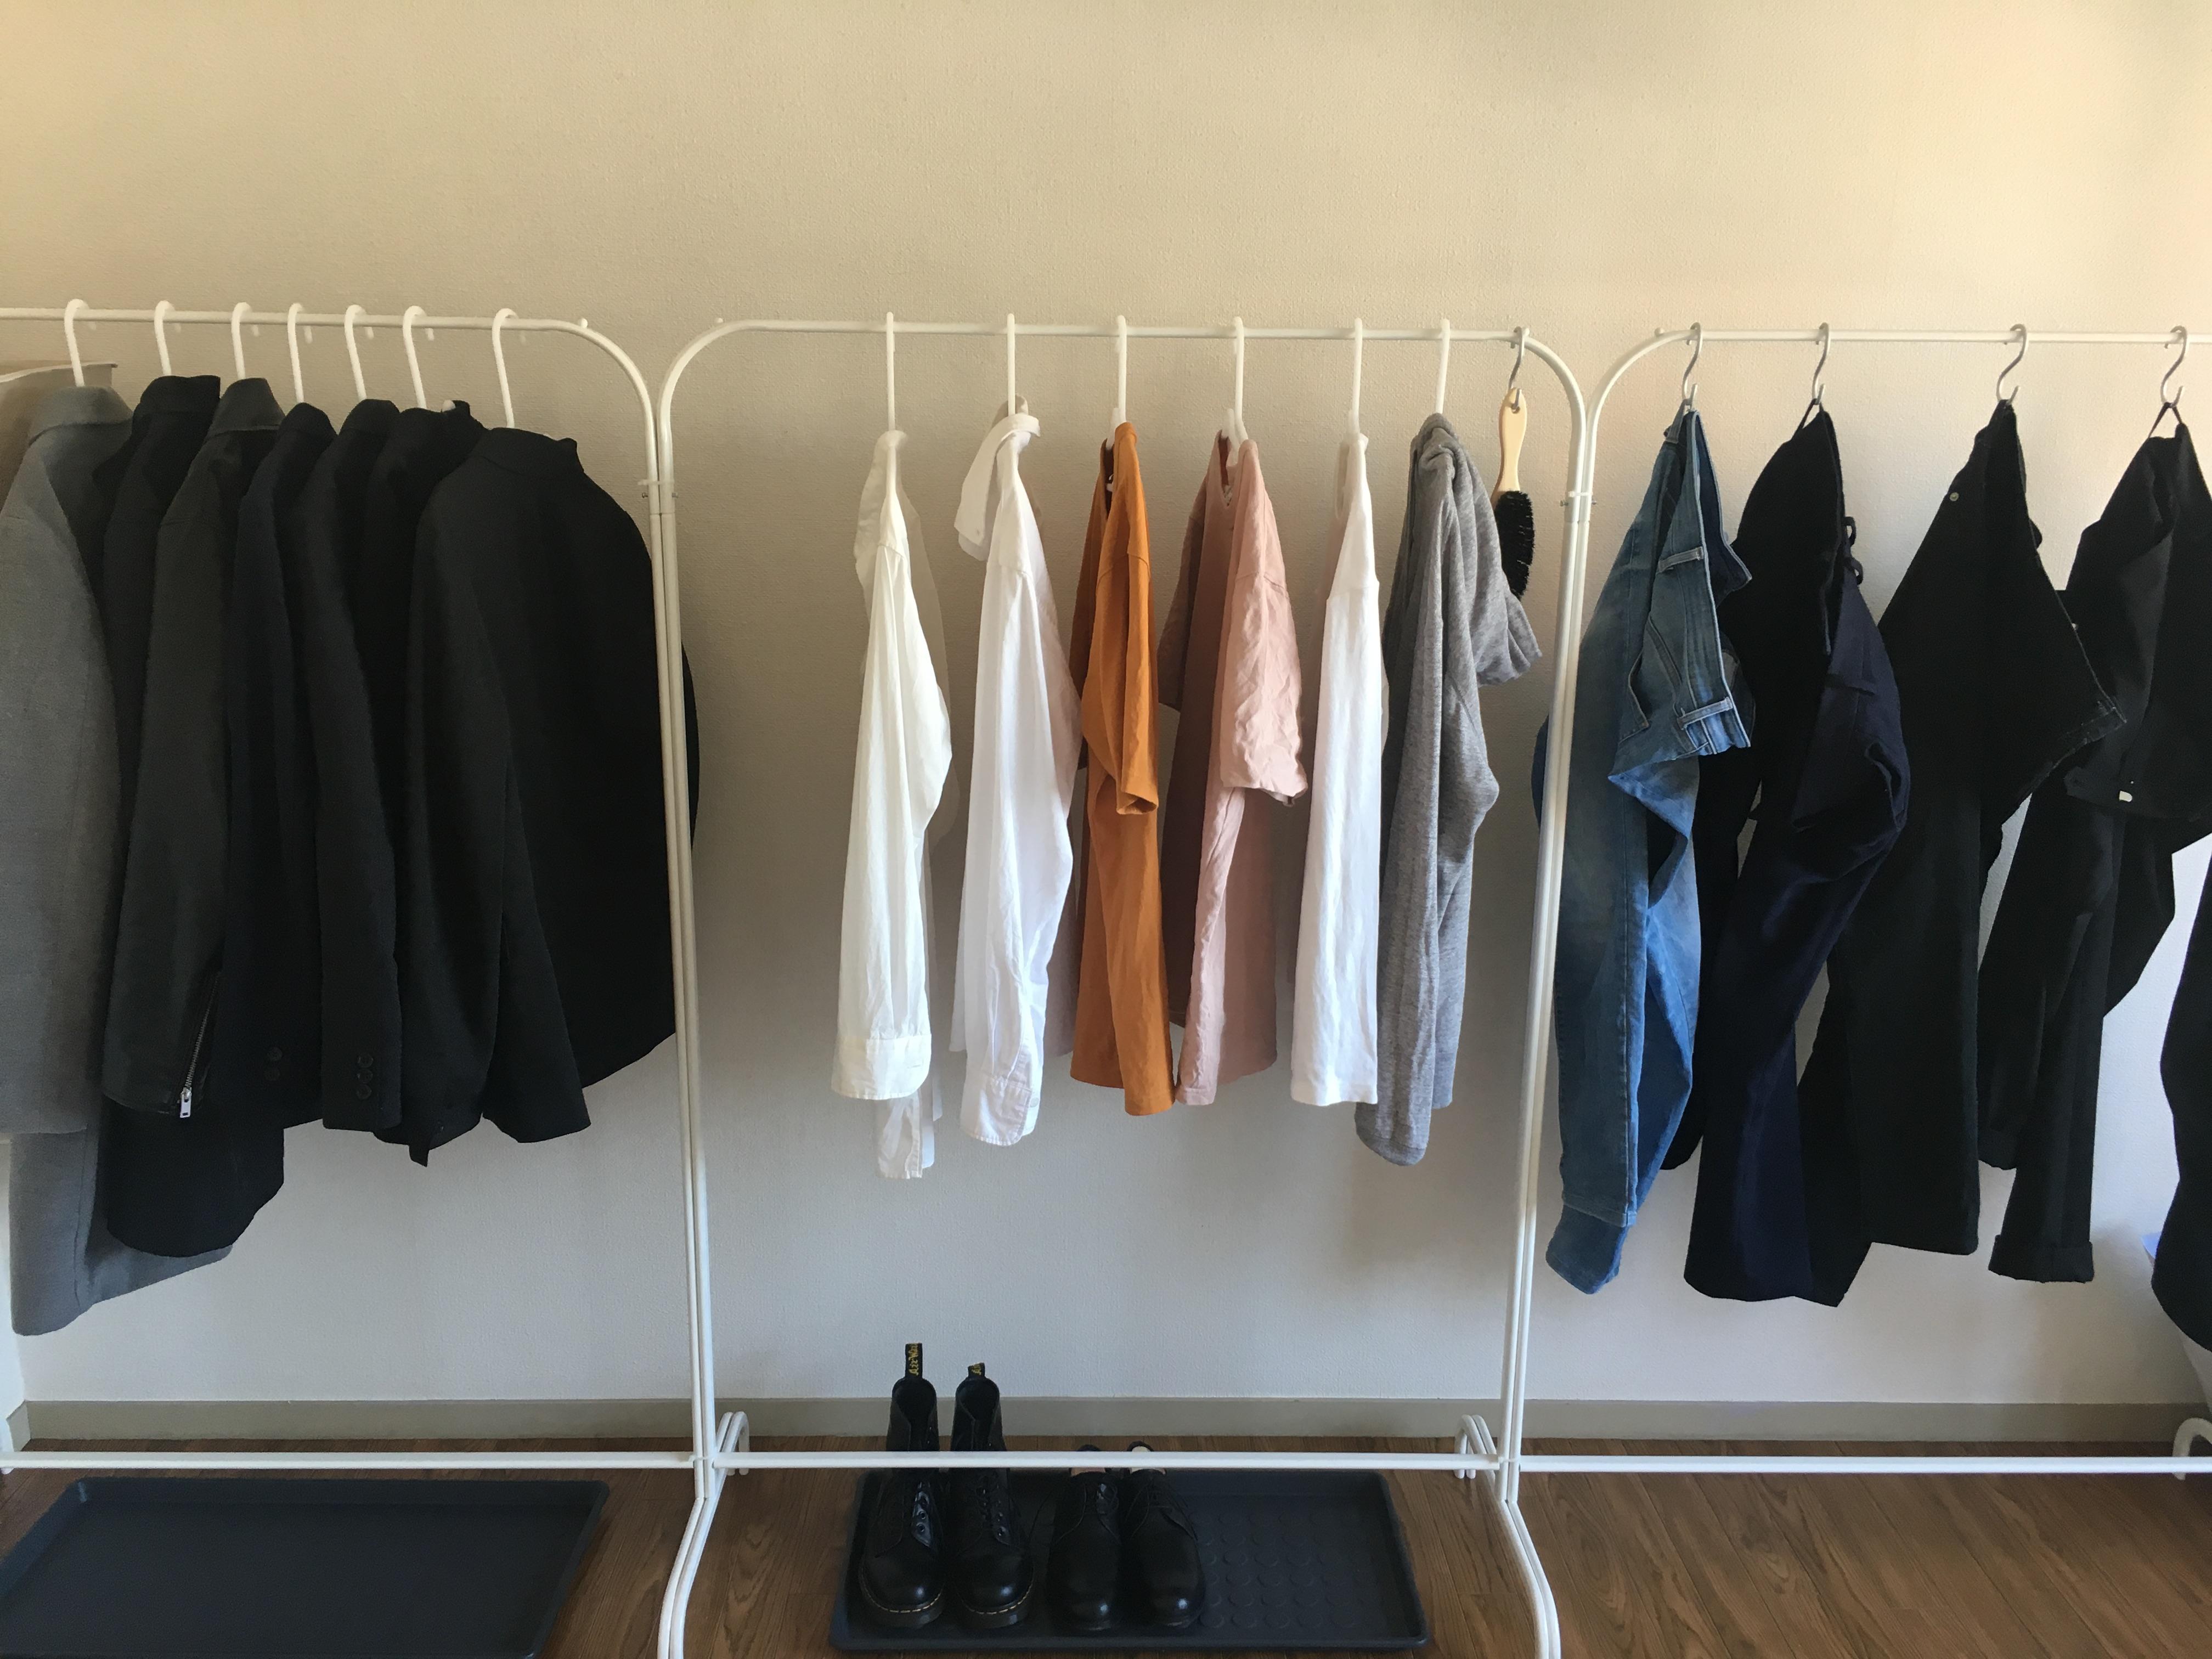 服を全てかけて収納したら便利すぎた。イケアのハンガーラックを買い込め!